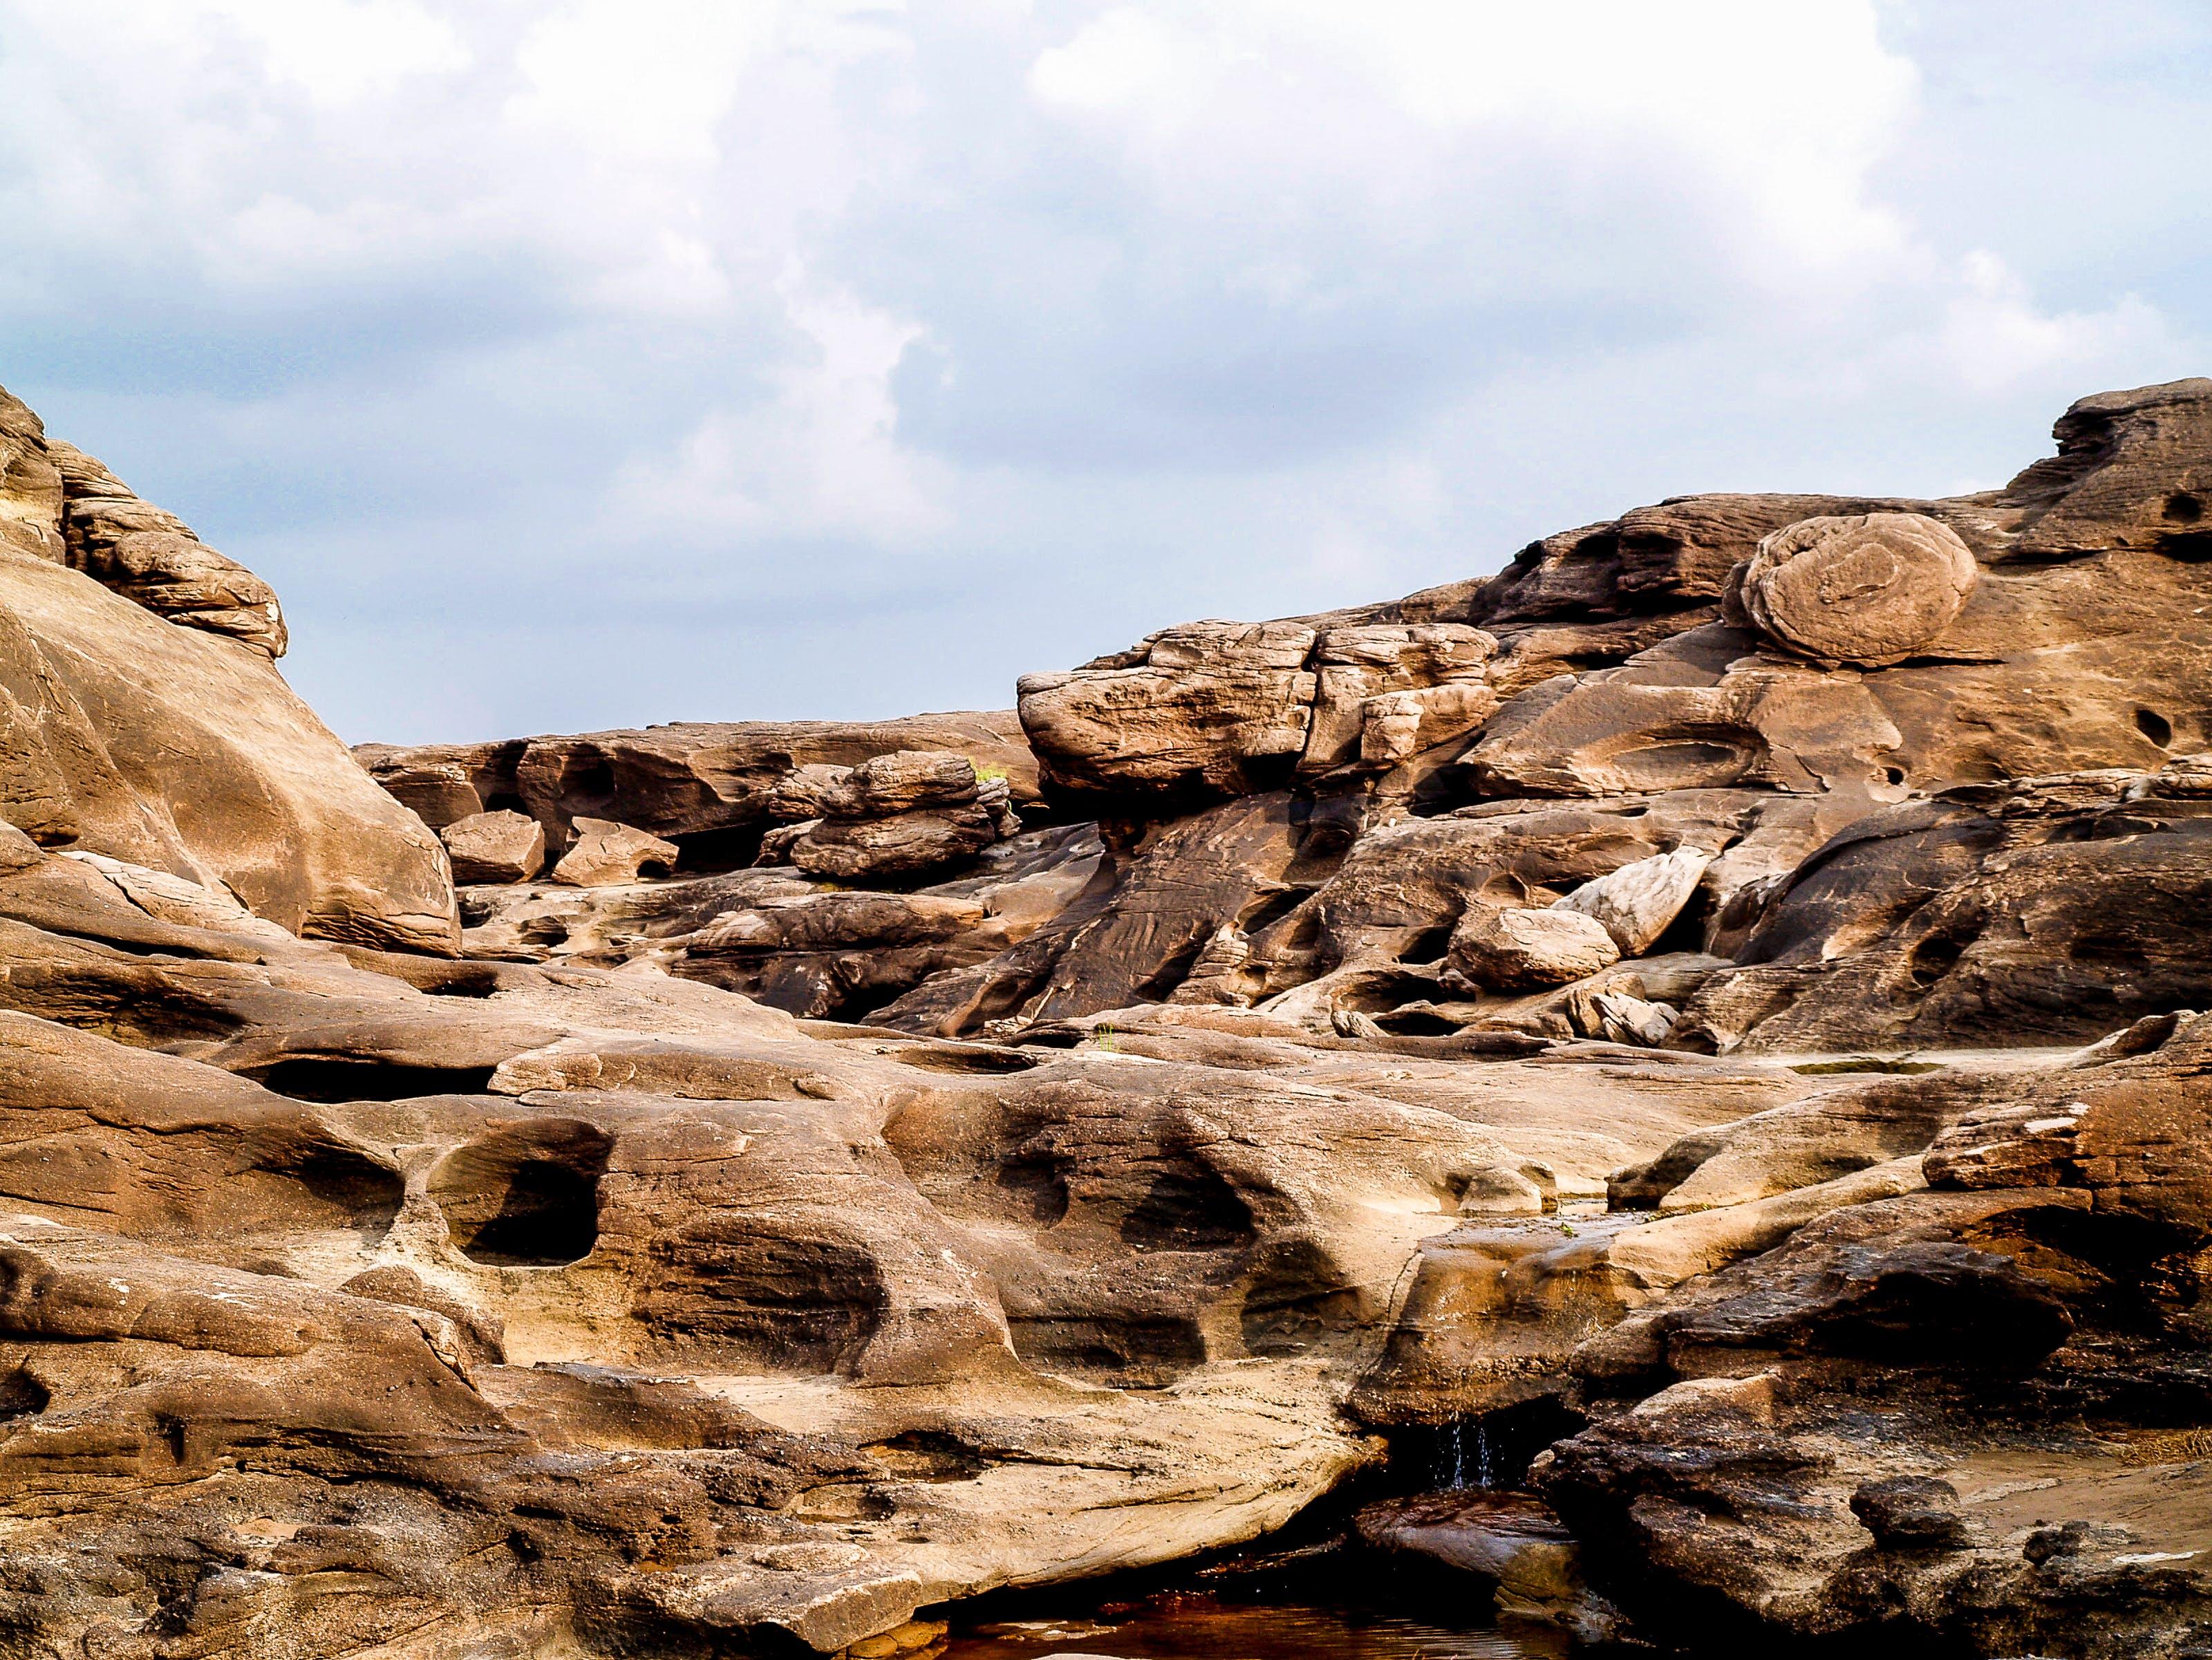 açık hava, arka fon, çevre, doğa içeren Ücretsiz stok fotoğraf